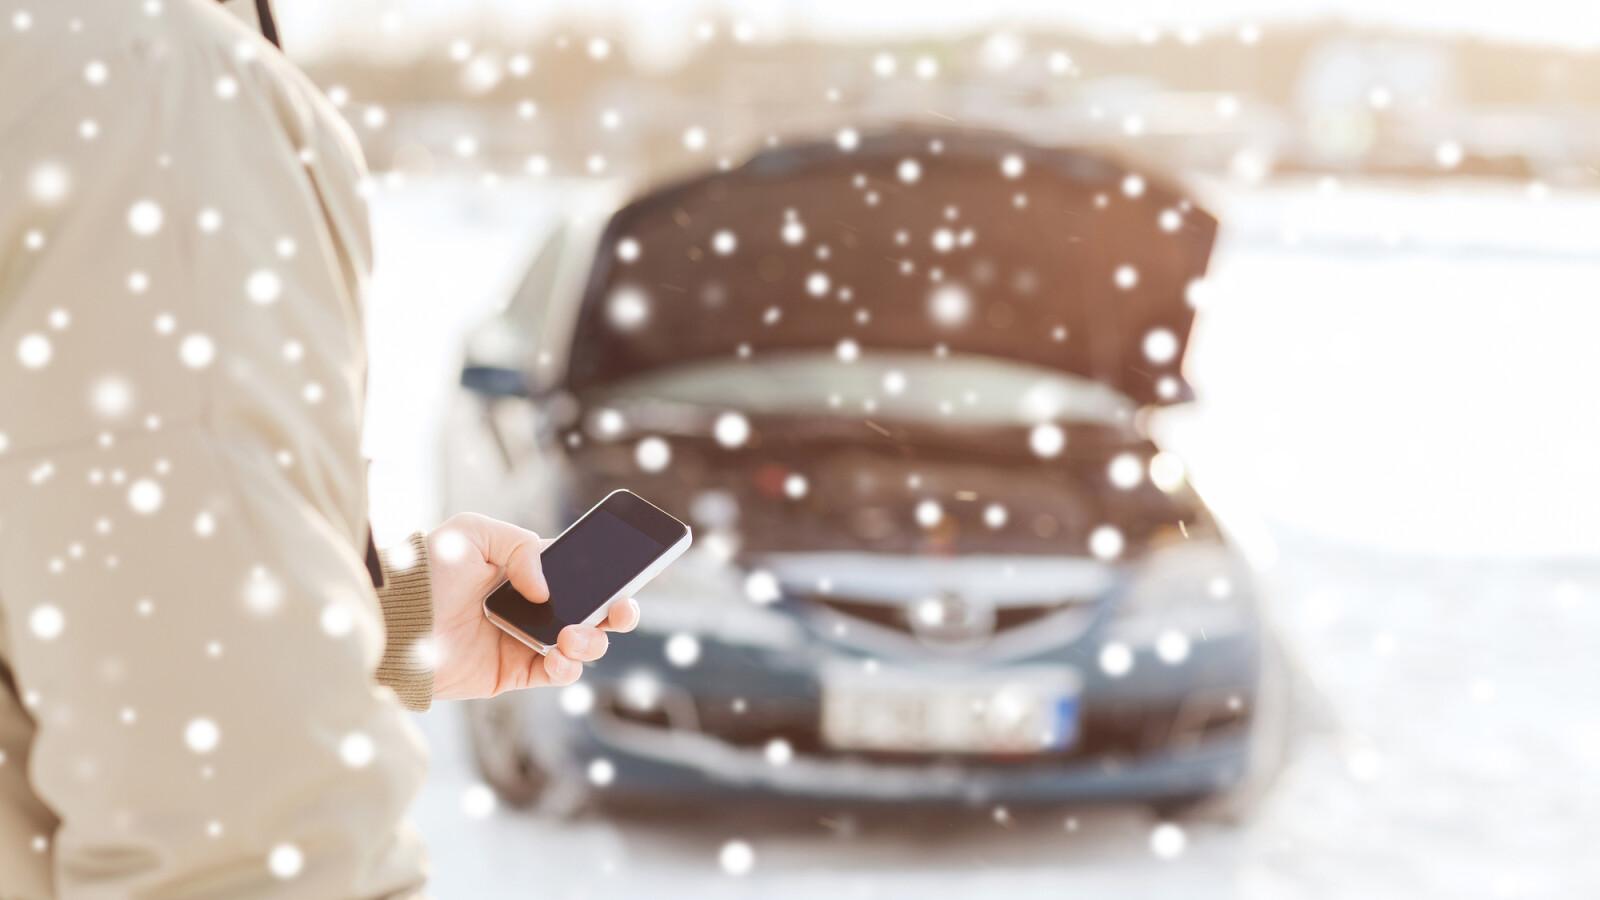 Handy im Winter schützen: So rettet ihr euer Smartphone vor dem Kältetod